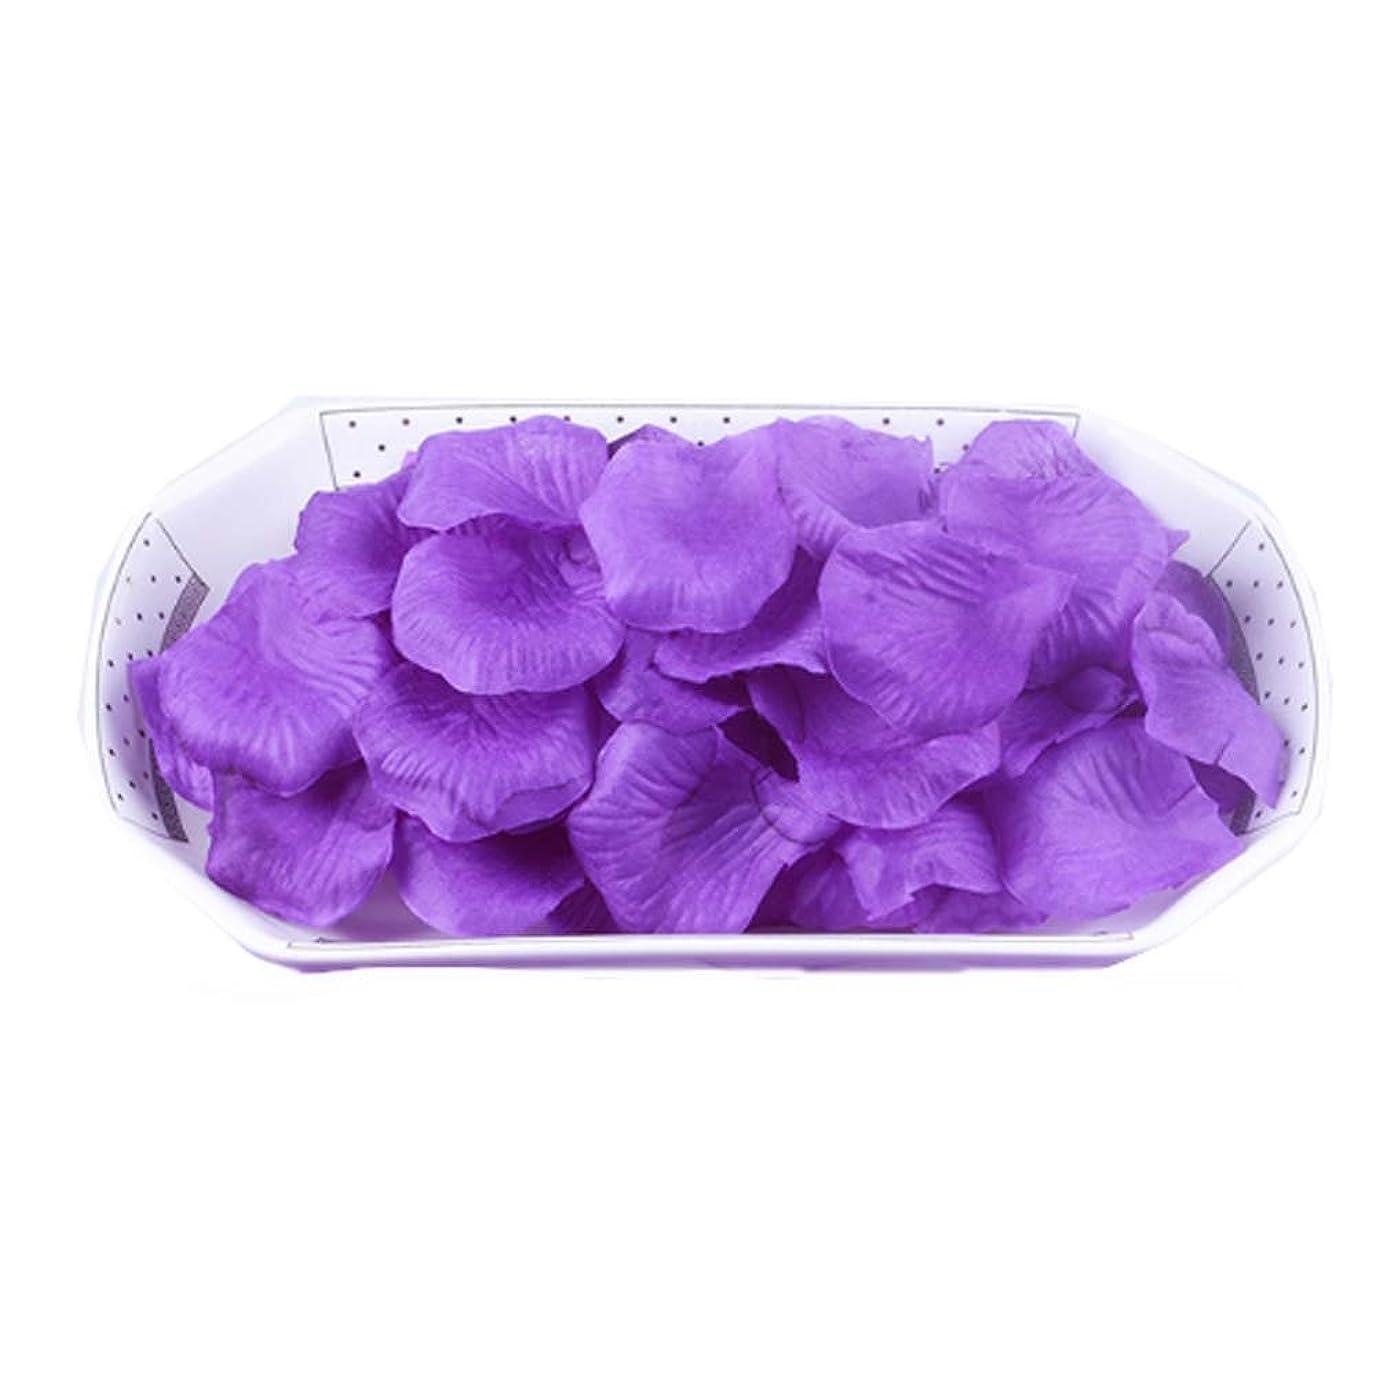 葉遠近法アクティブ結婚式の装飾のための人工花の花びら紫2000 PC